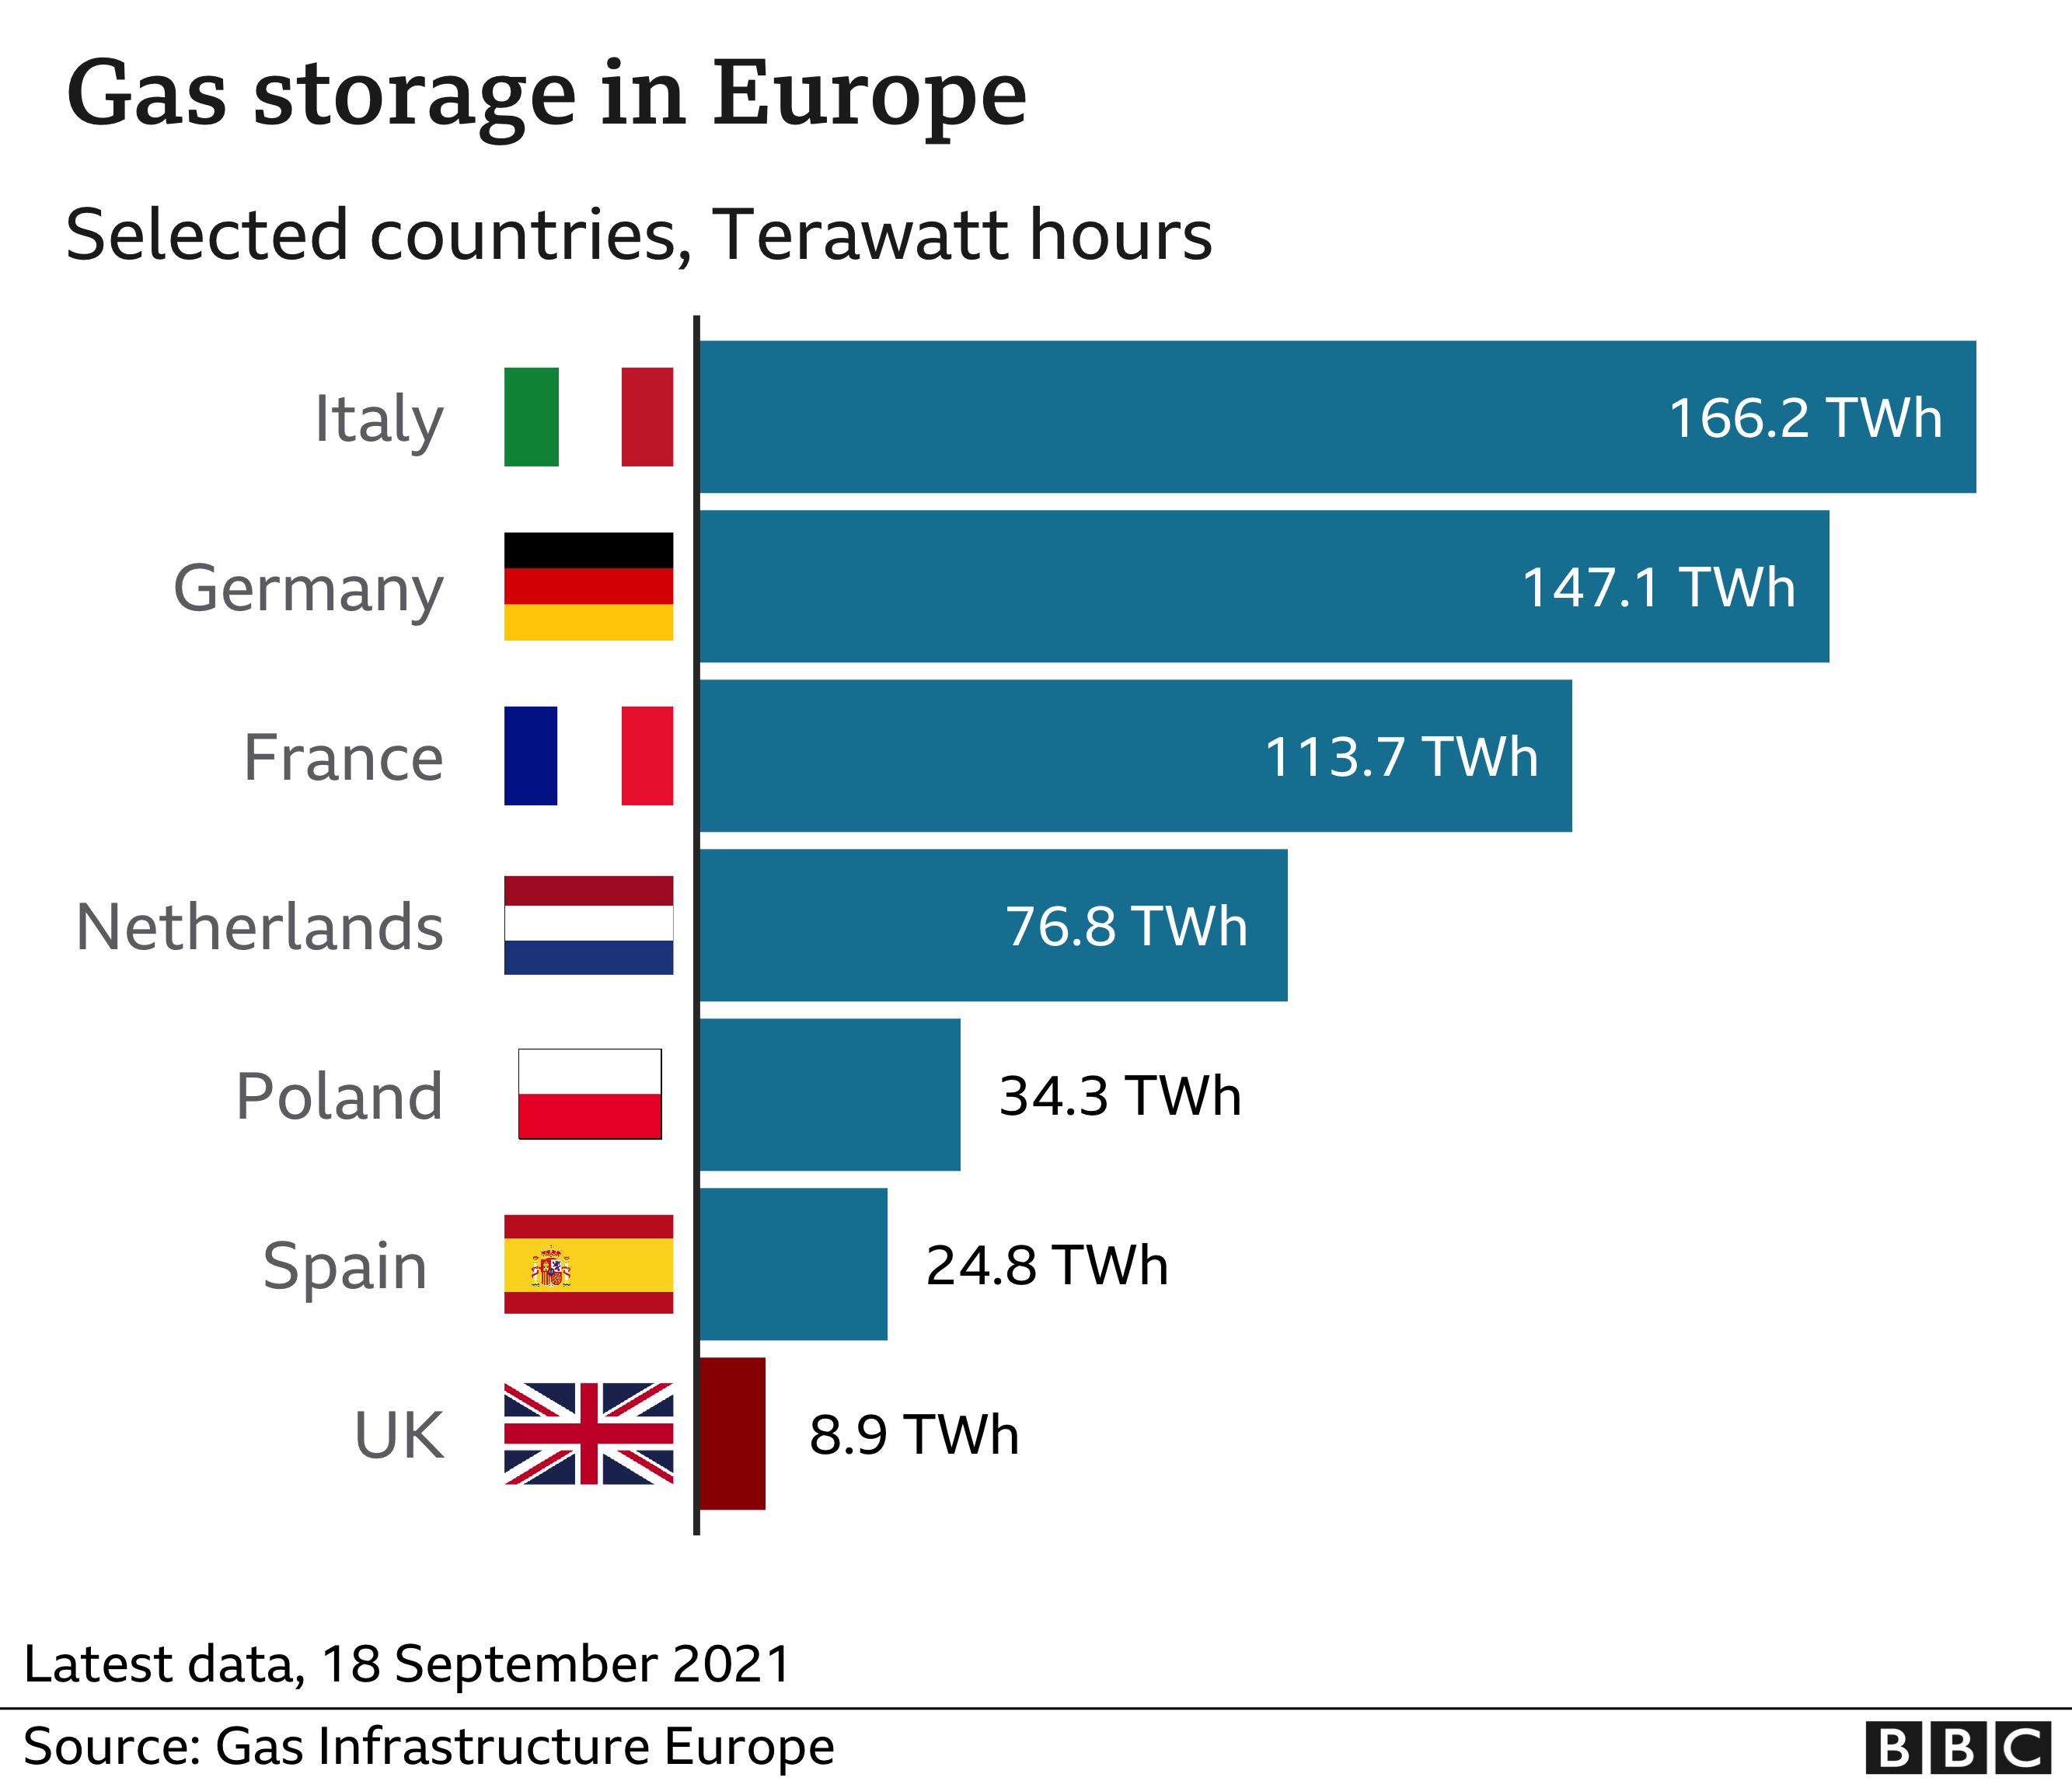 Gas storage in Europe